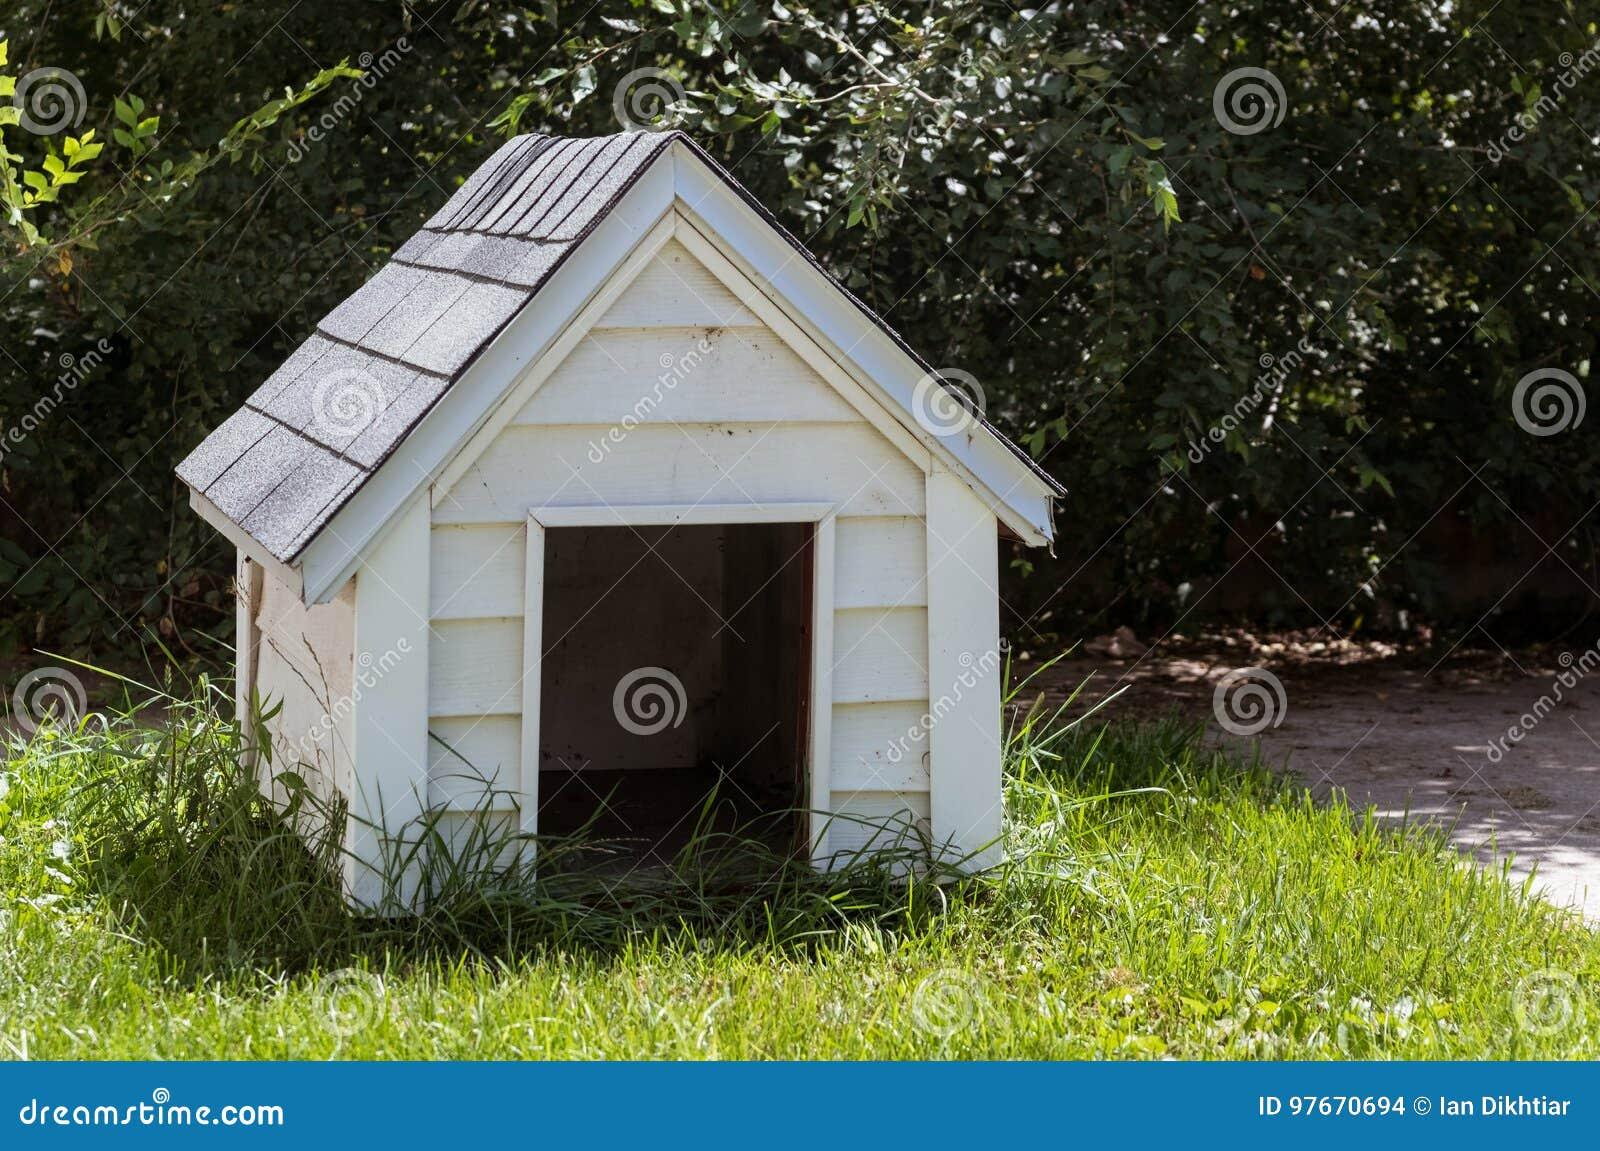 50abbe7dba84 Άσπρο ξύλινο σκυλόσπιτο σε ένα κατώφλι σπιτιών Στοκ Εικόνες - εικόνα ...